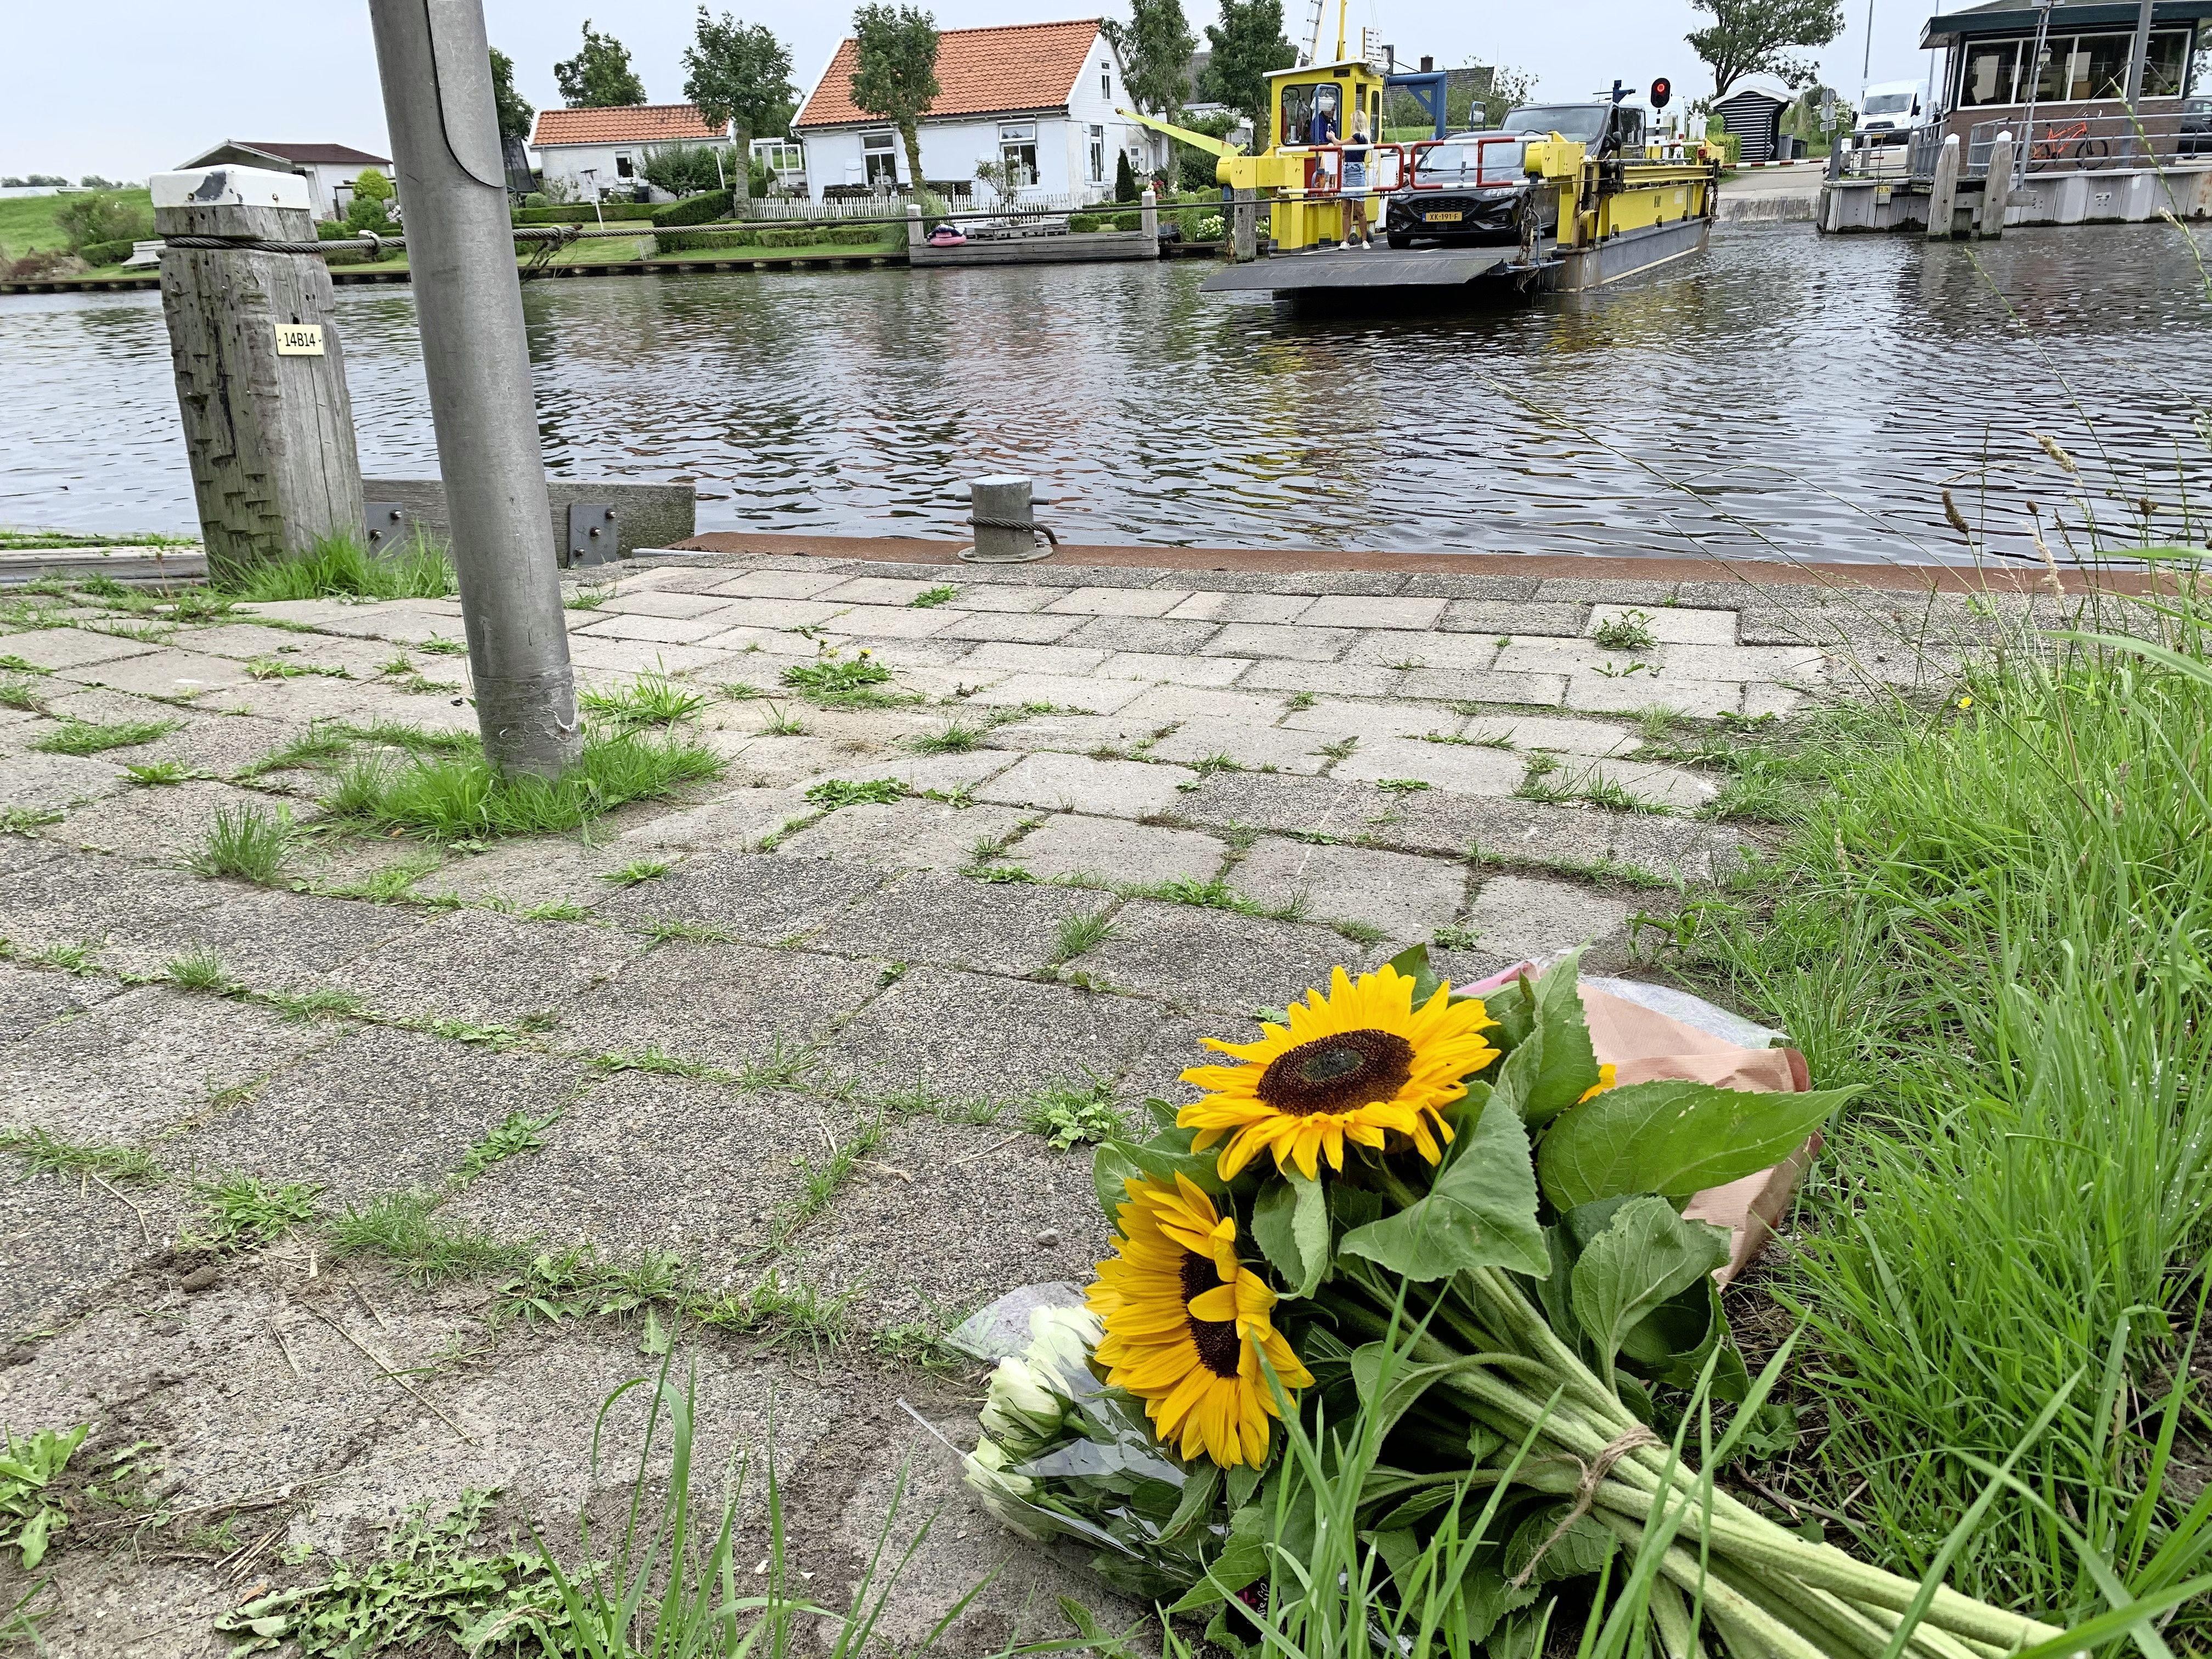 Verdronken zwemmer is 24-jarige Mees Langelaan uit Julianadorp